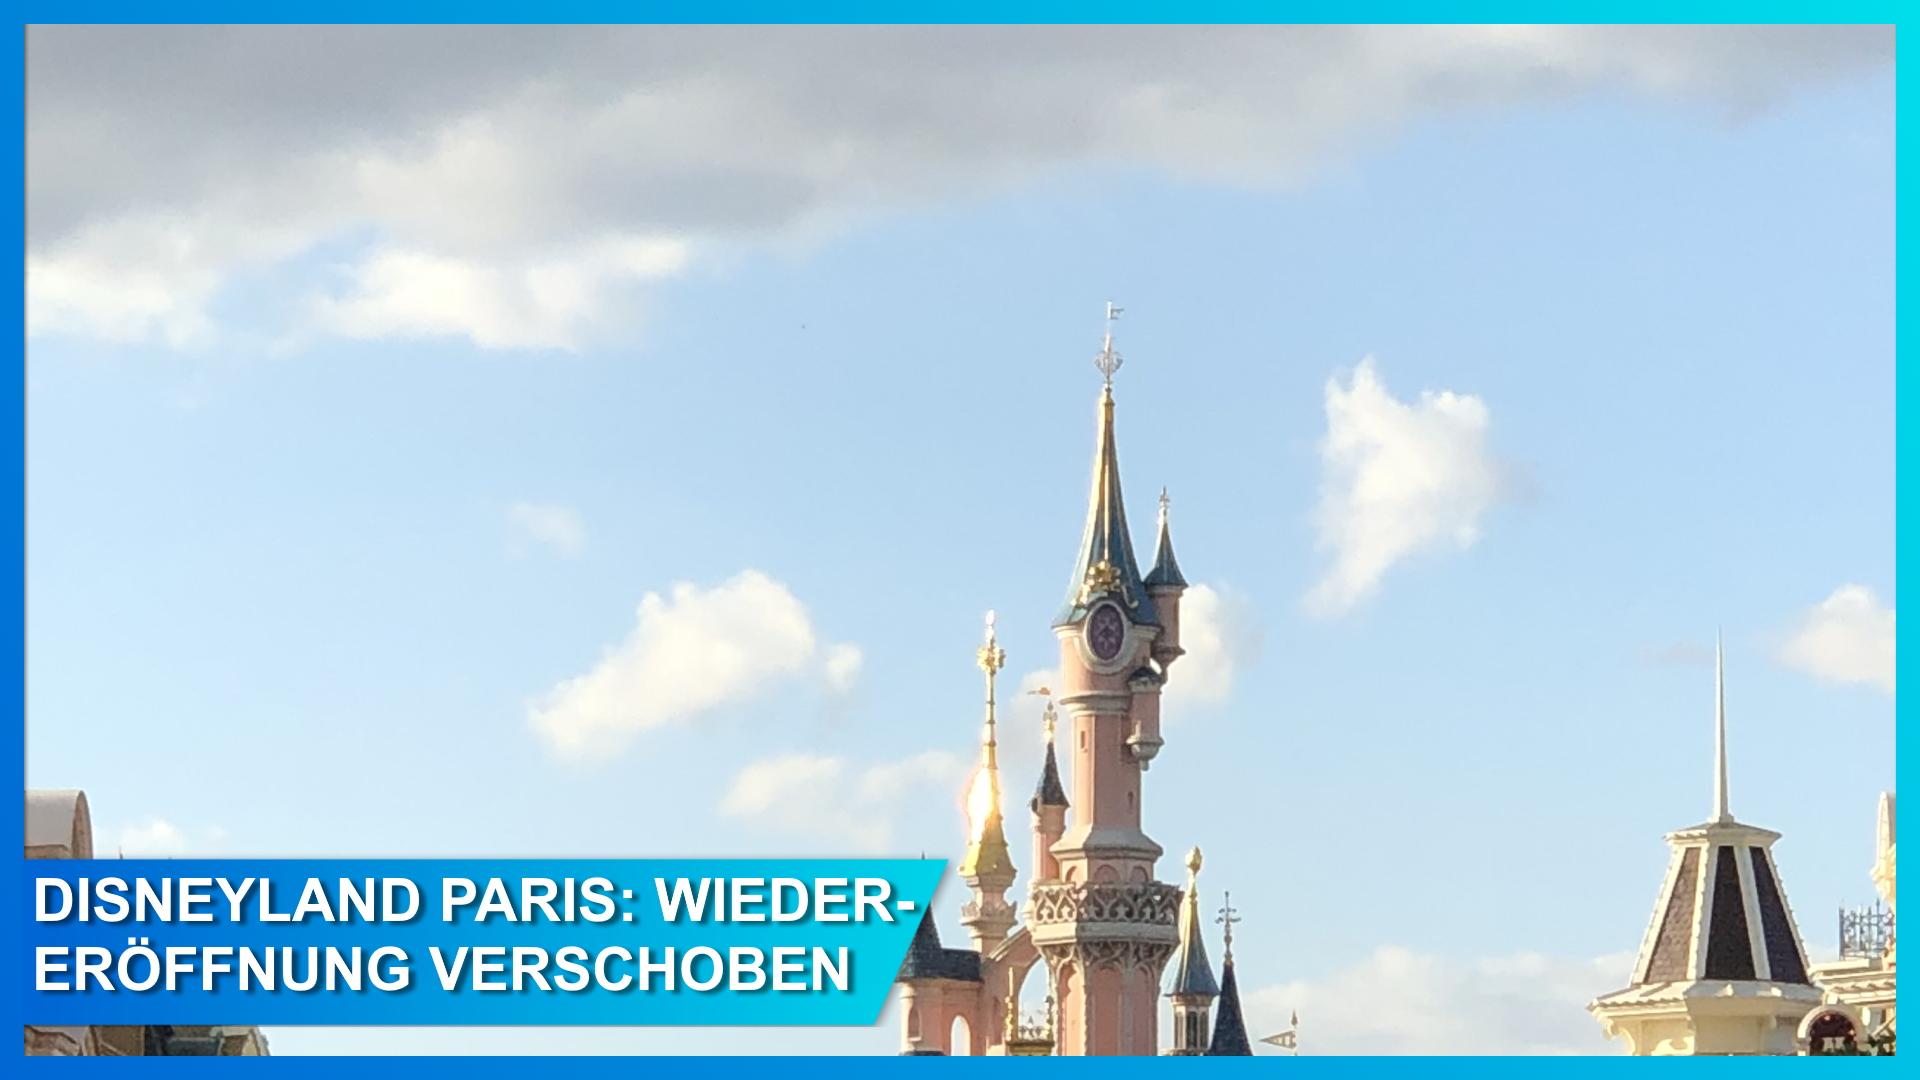 Graue Wolken über dem Schloss in Disneyland Paris